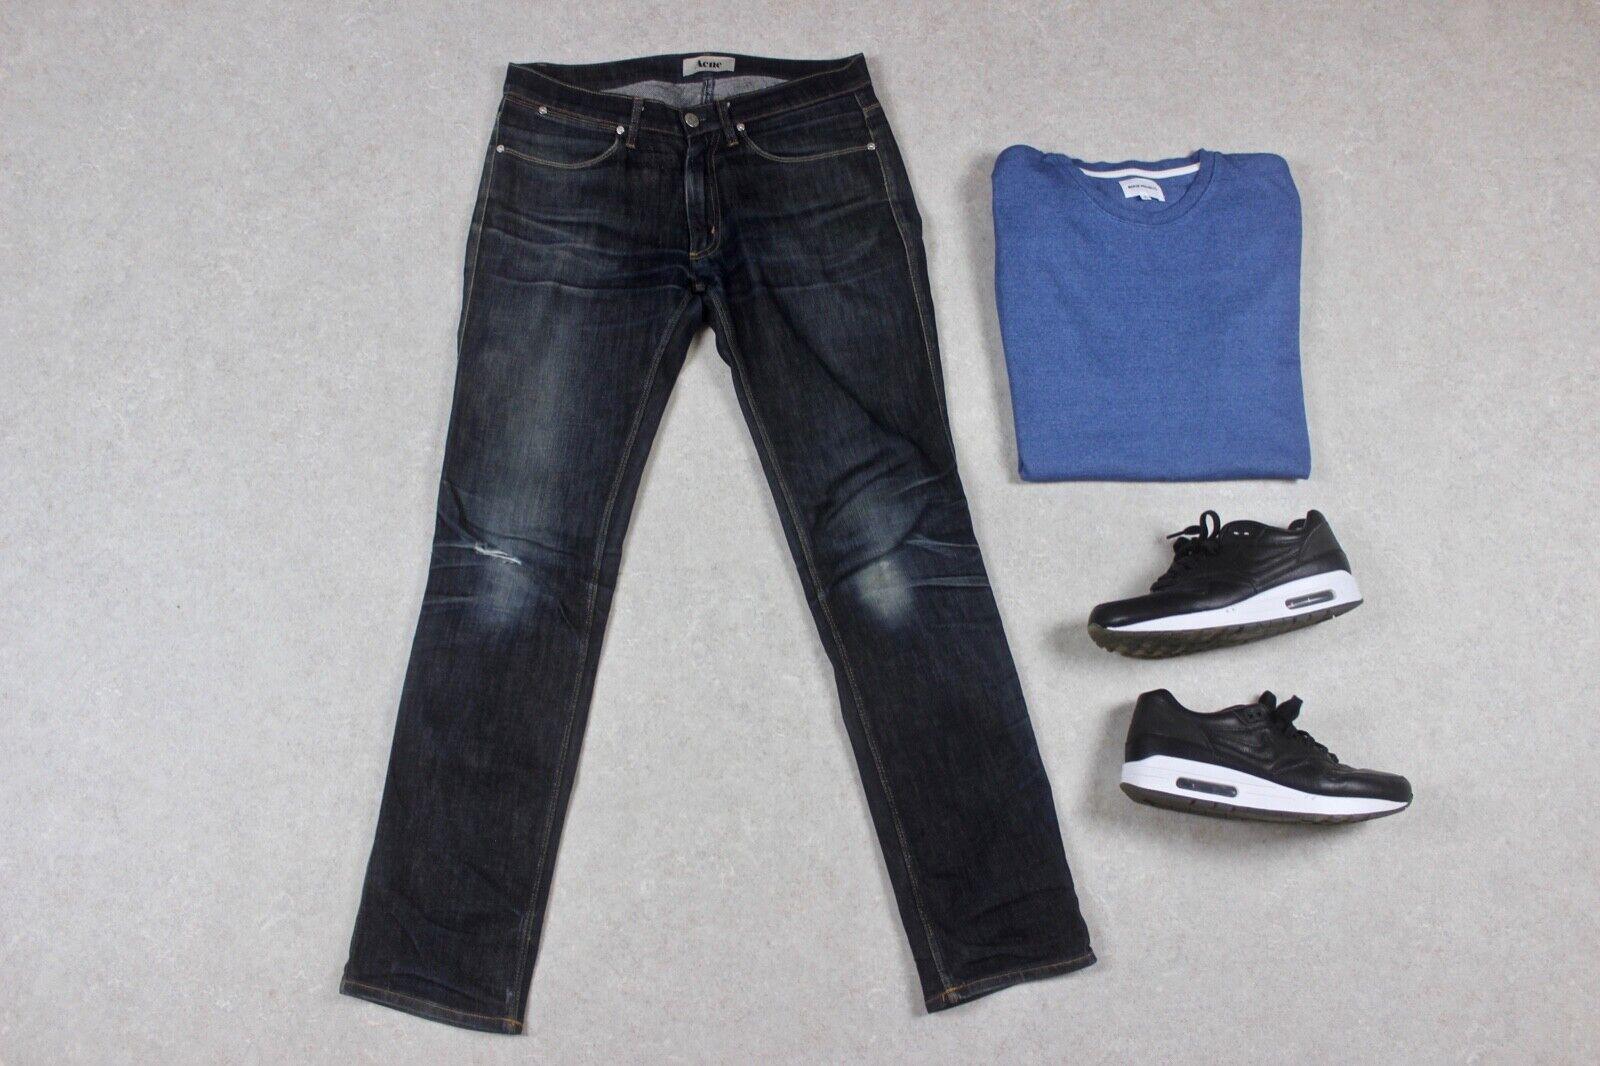 Acne Studios - Max Soft Raw Raw Raw Jeans - Blau - 31 32 fe4360